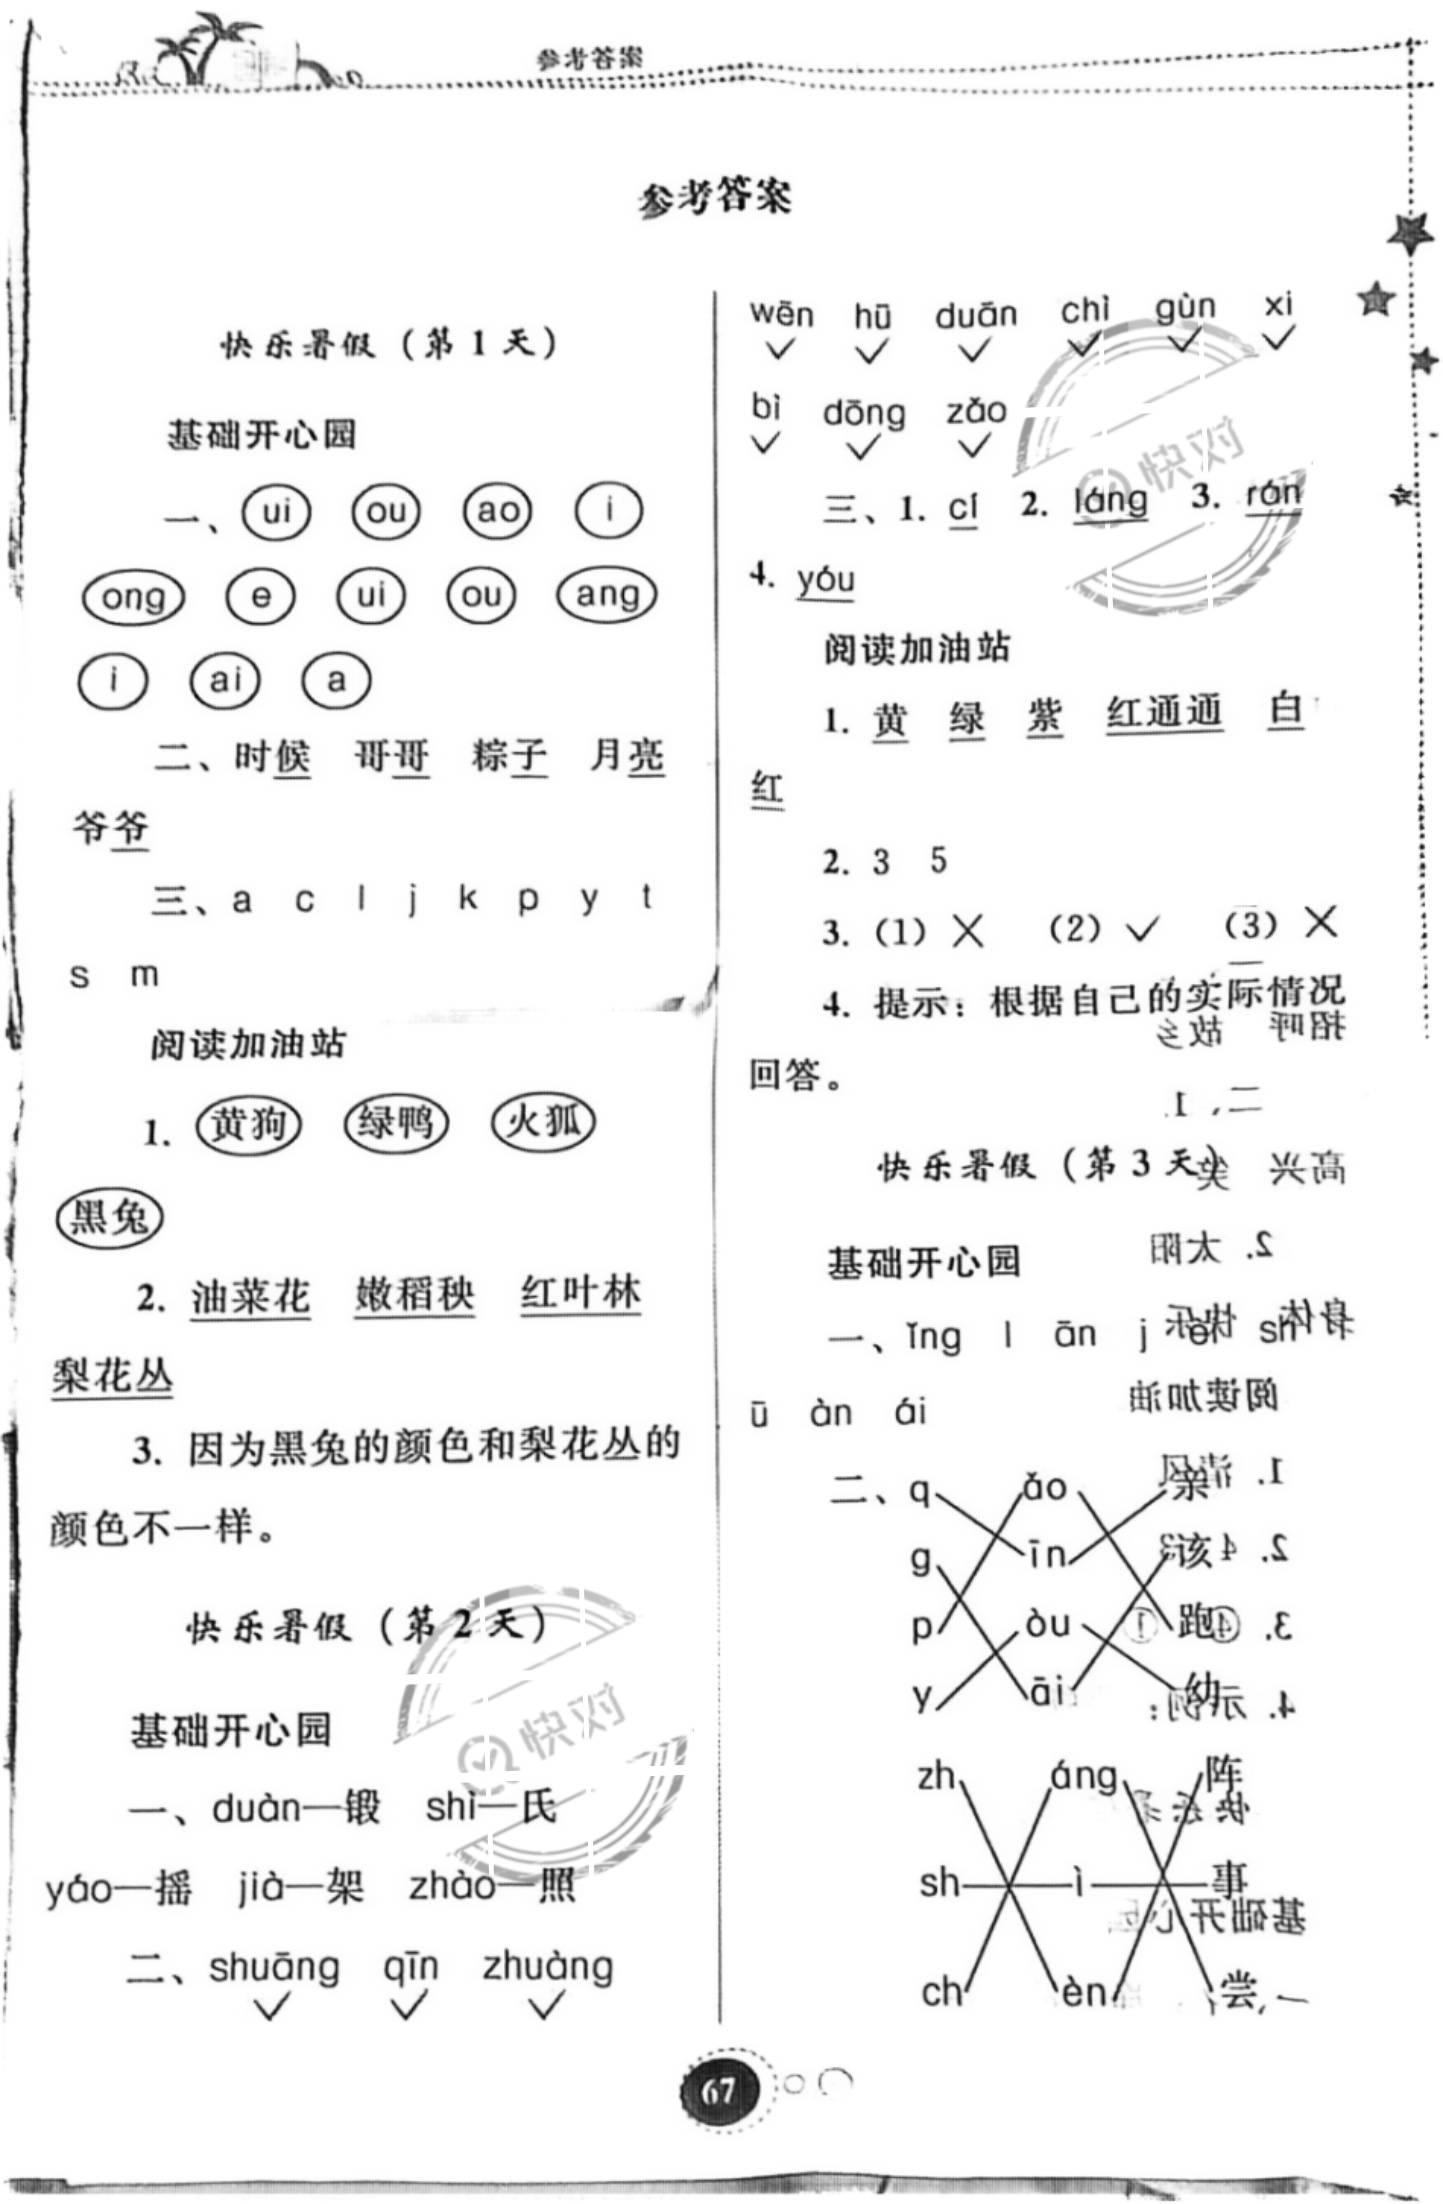 2019年暑假作业一年级语文人教版